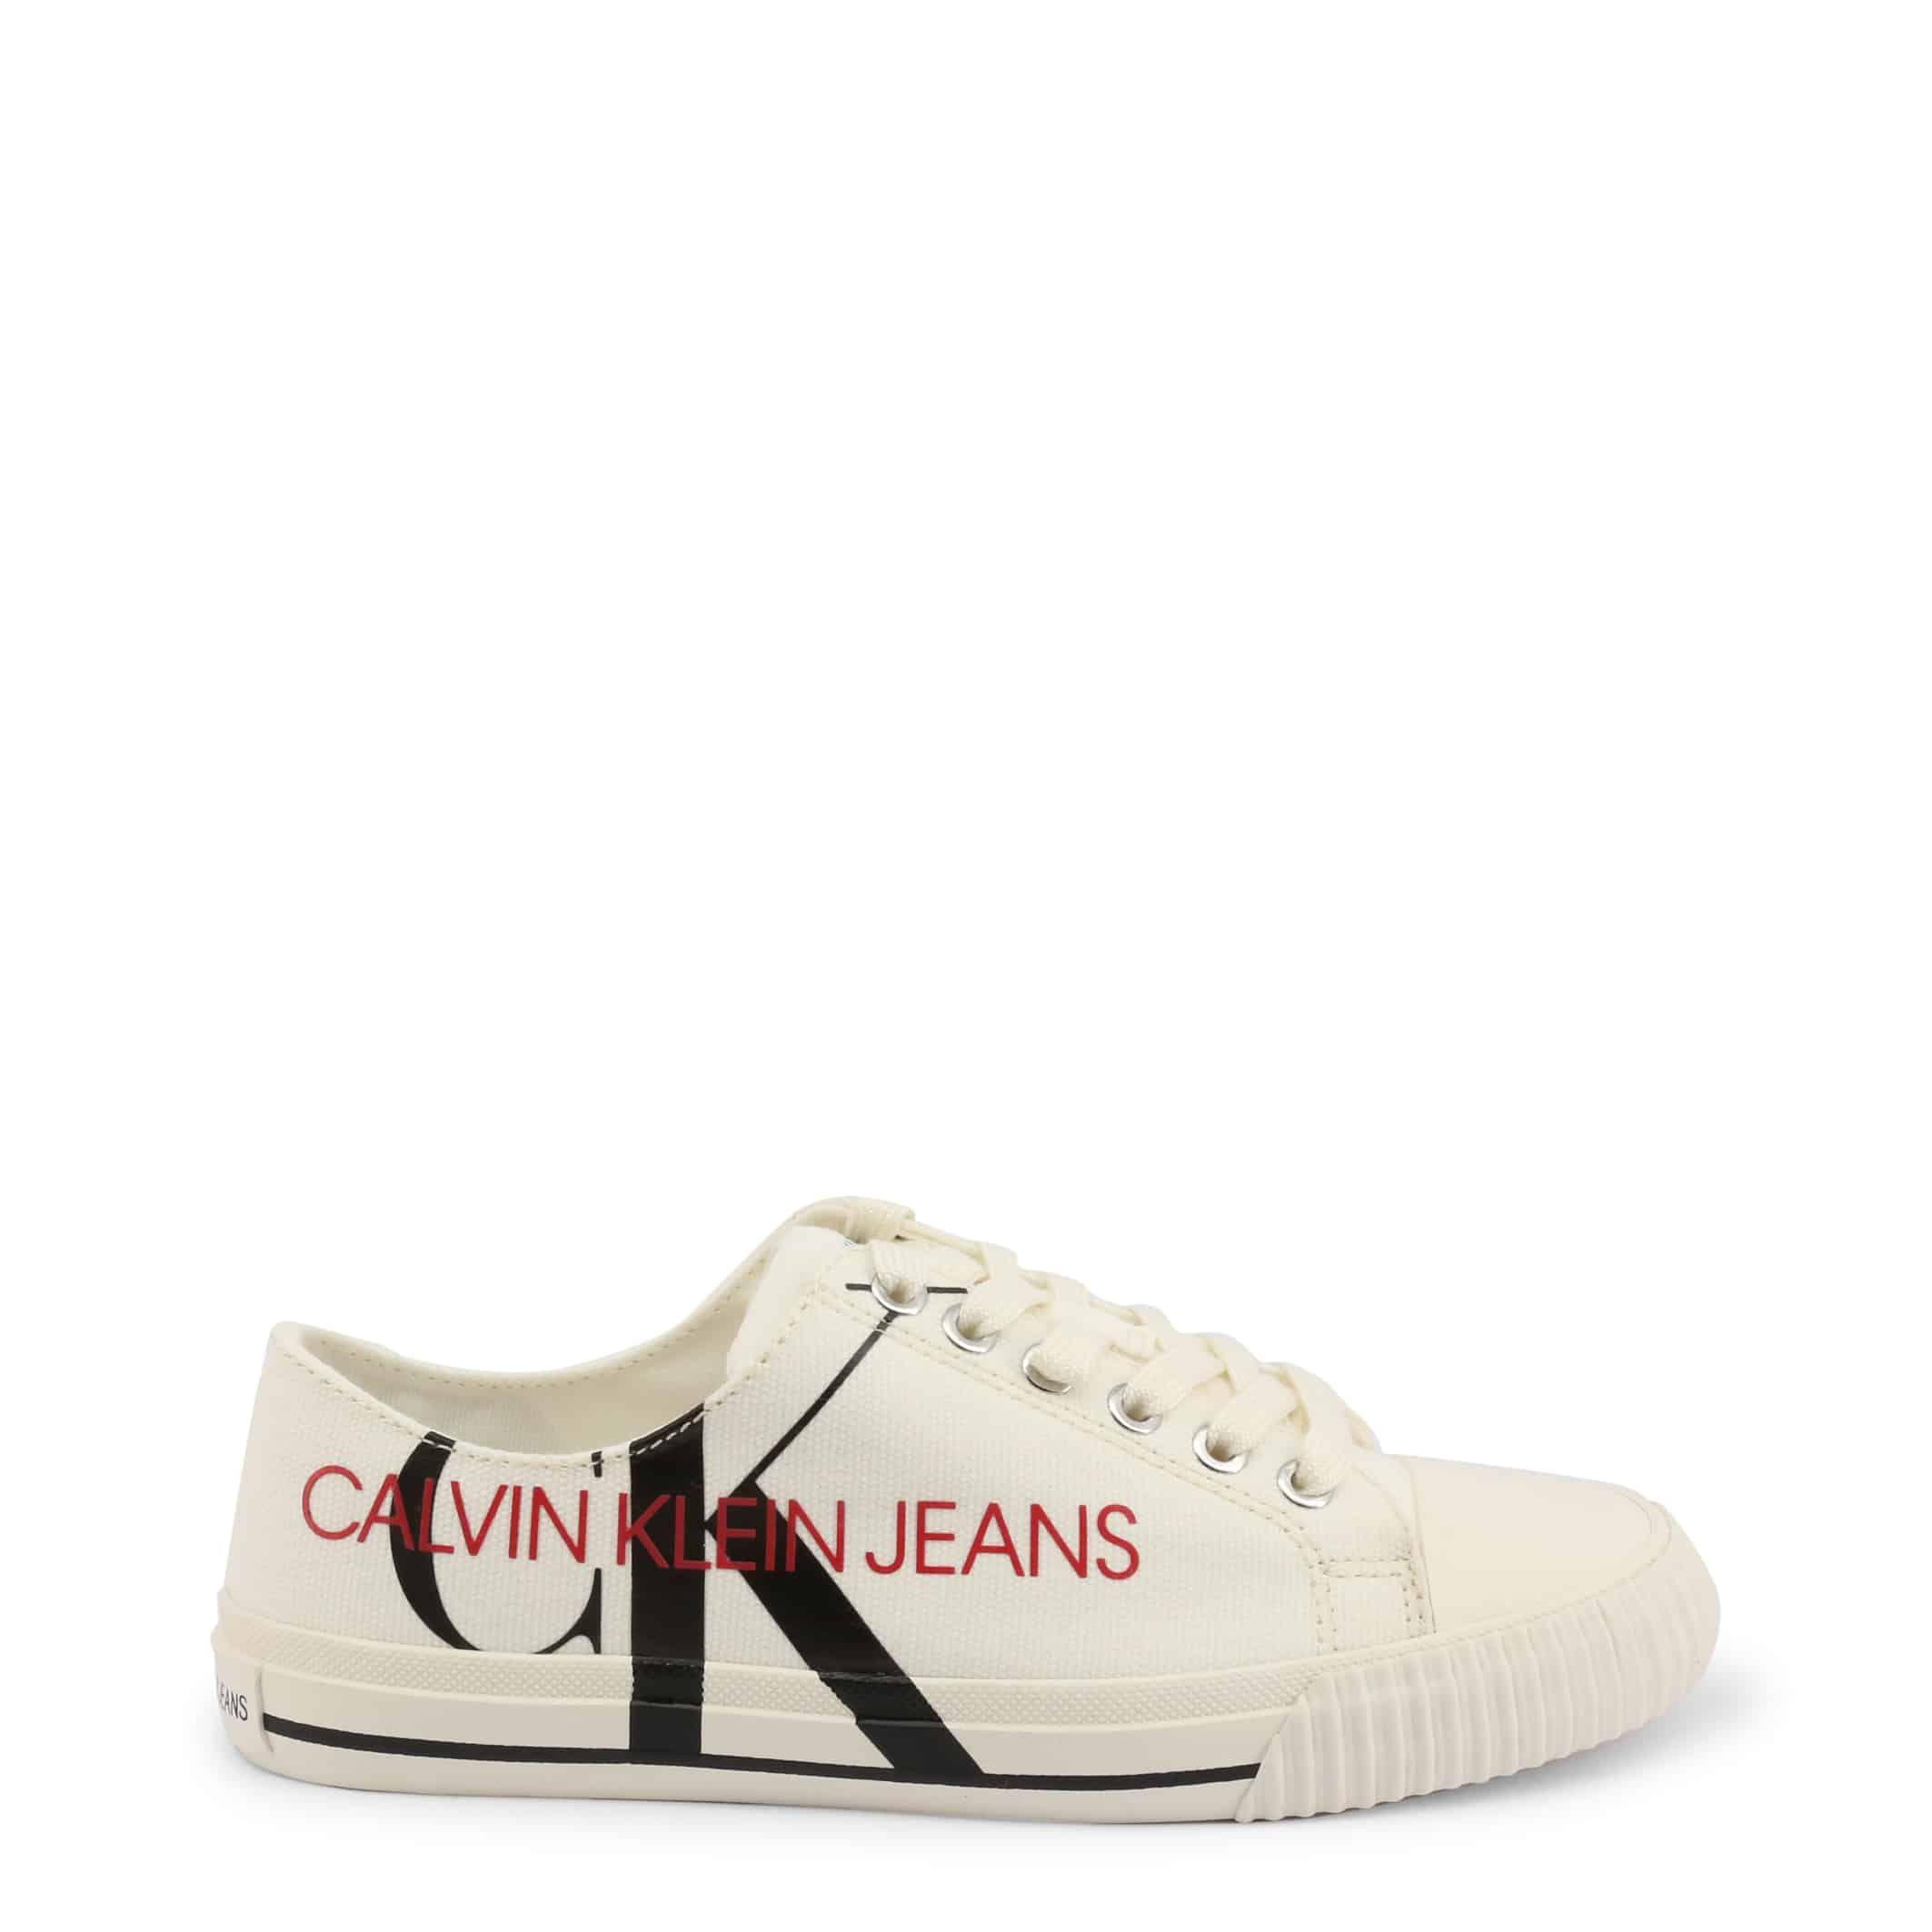 Calvin Klein – DEMIANNE_B4R0856 – Blanco